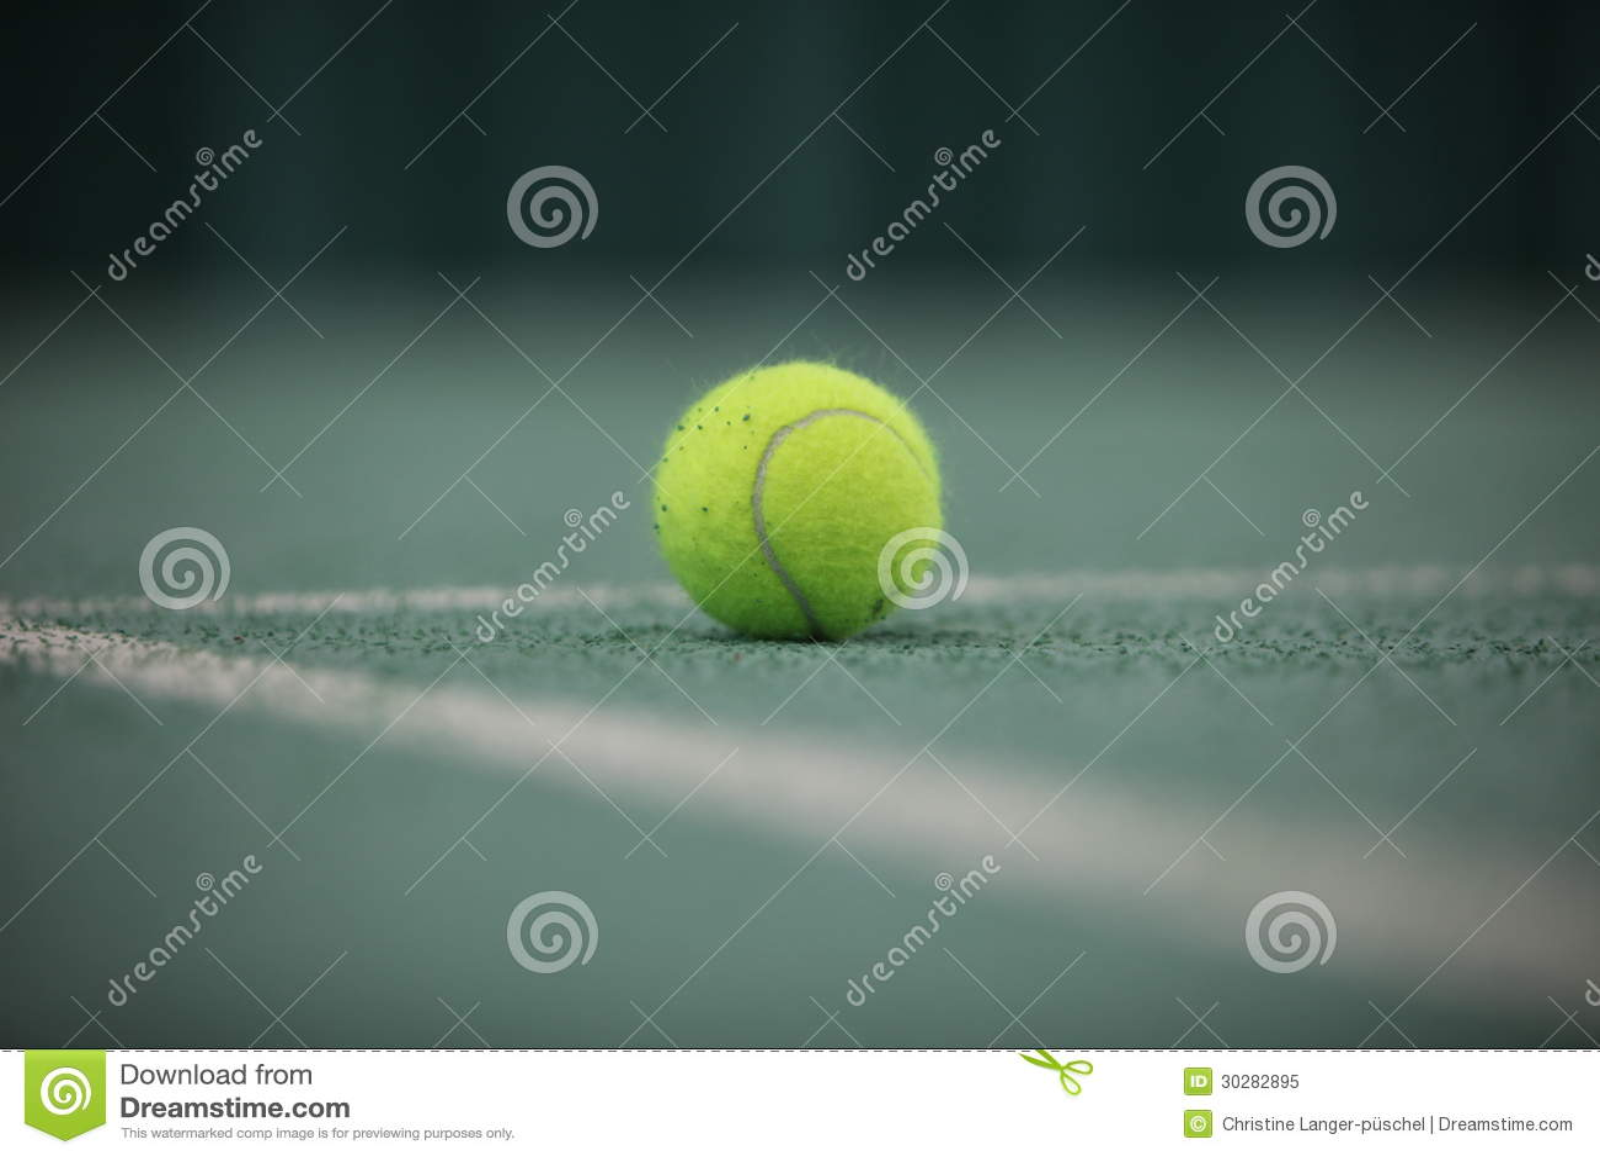 关闭在前景的网球